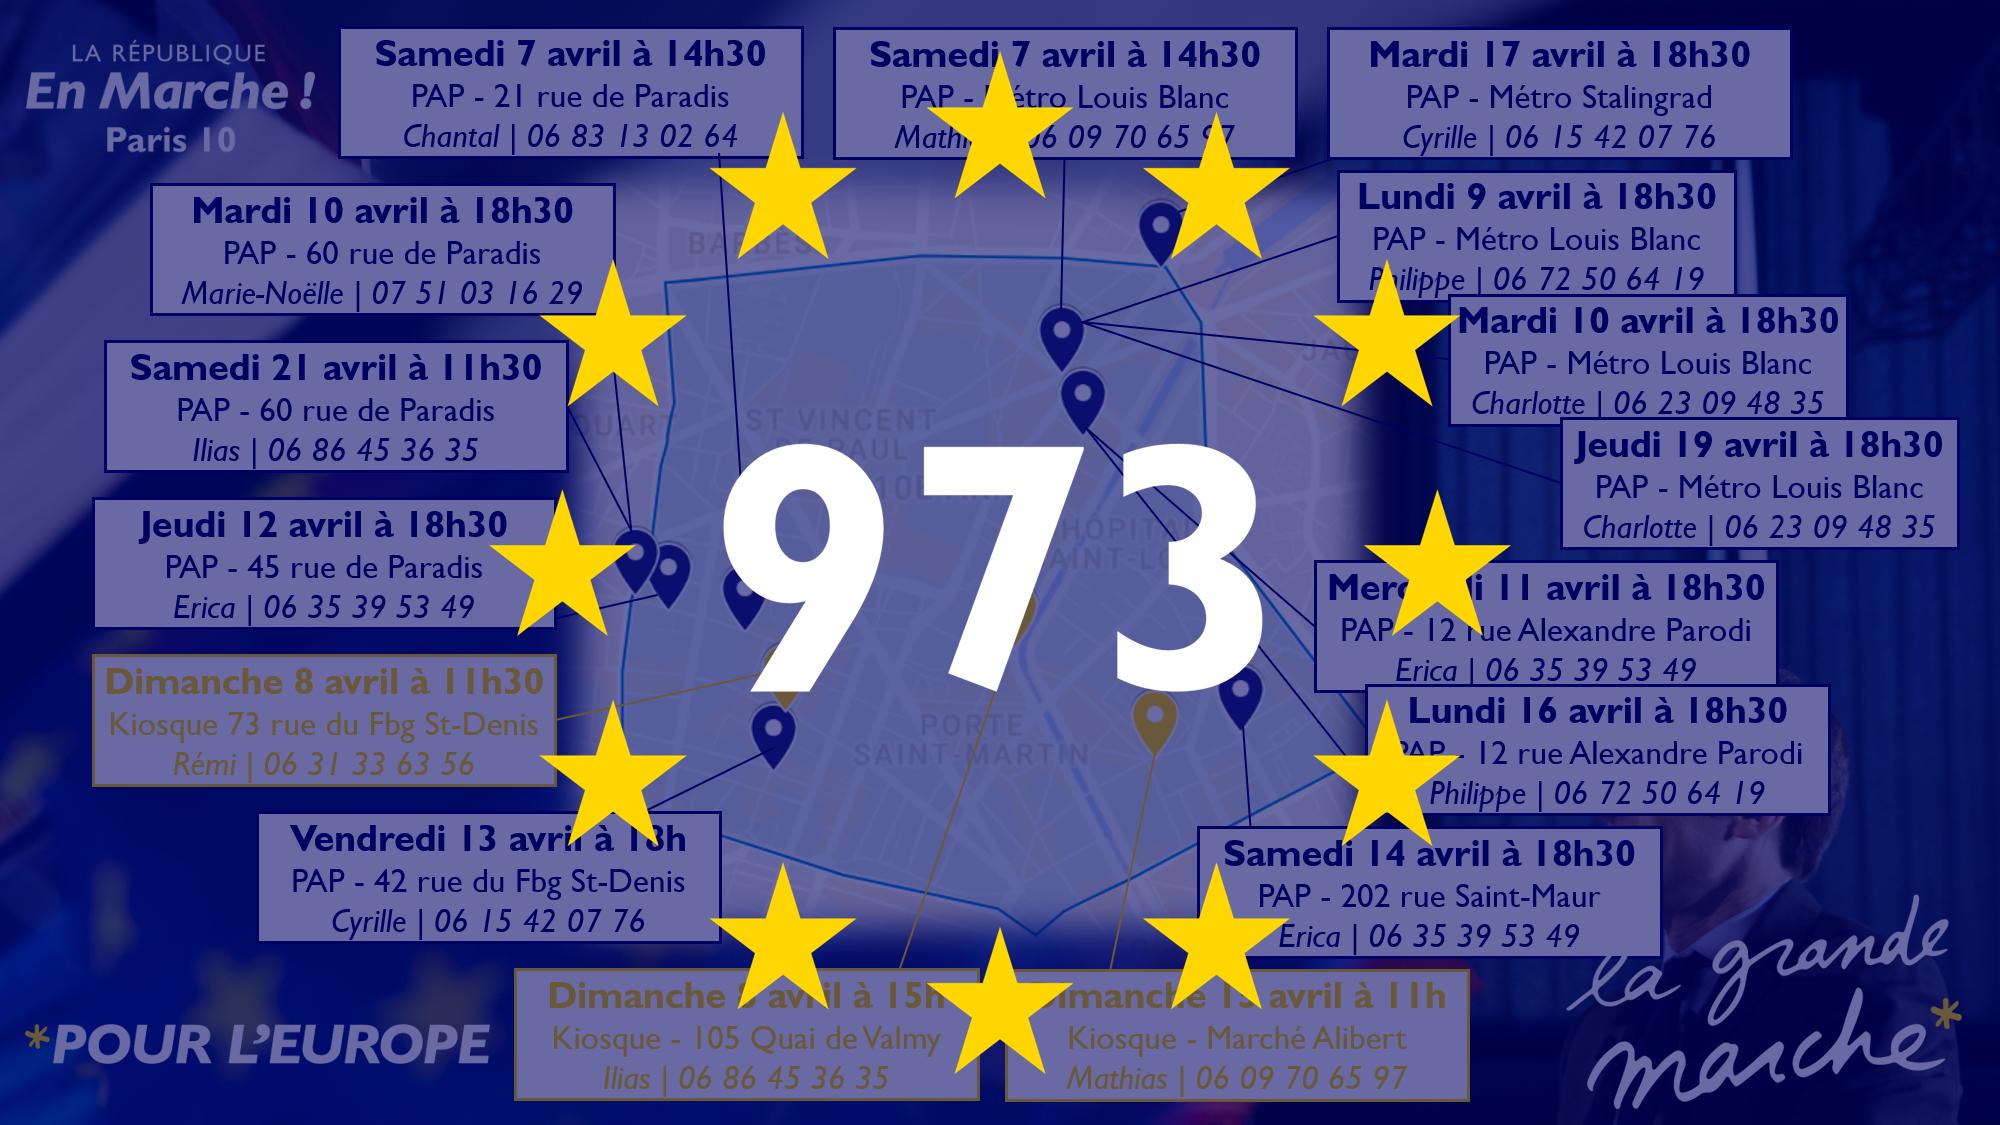 Grande Marche pour l'Europe dans le 10e arrondissement